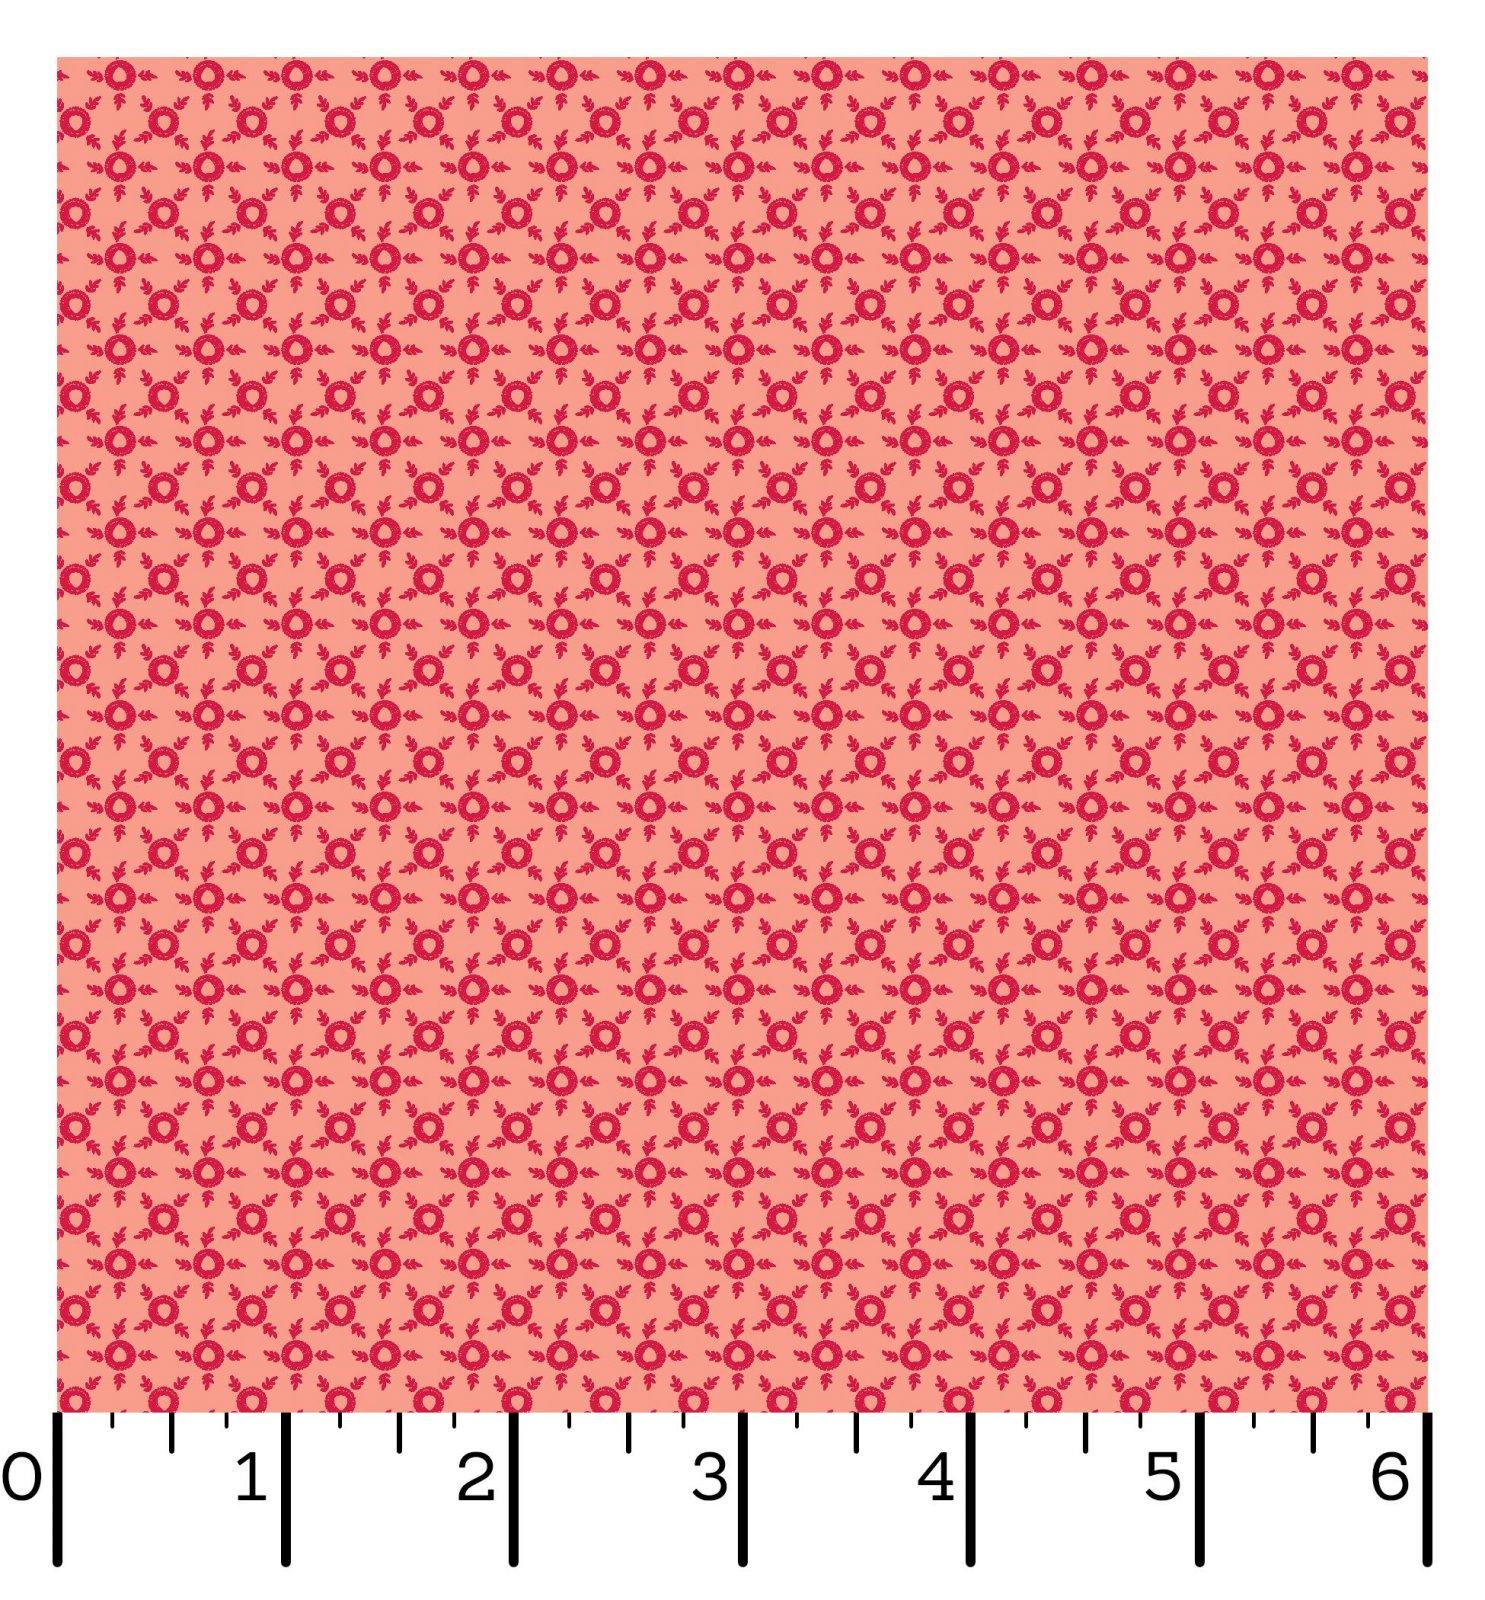 EESC-10016 P - SWEET BEGINNINGS BY JERA BRANDVIG DITSY PINK - ARRIVING IN JUNE 2021